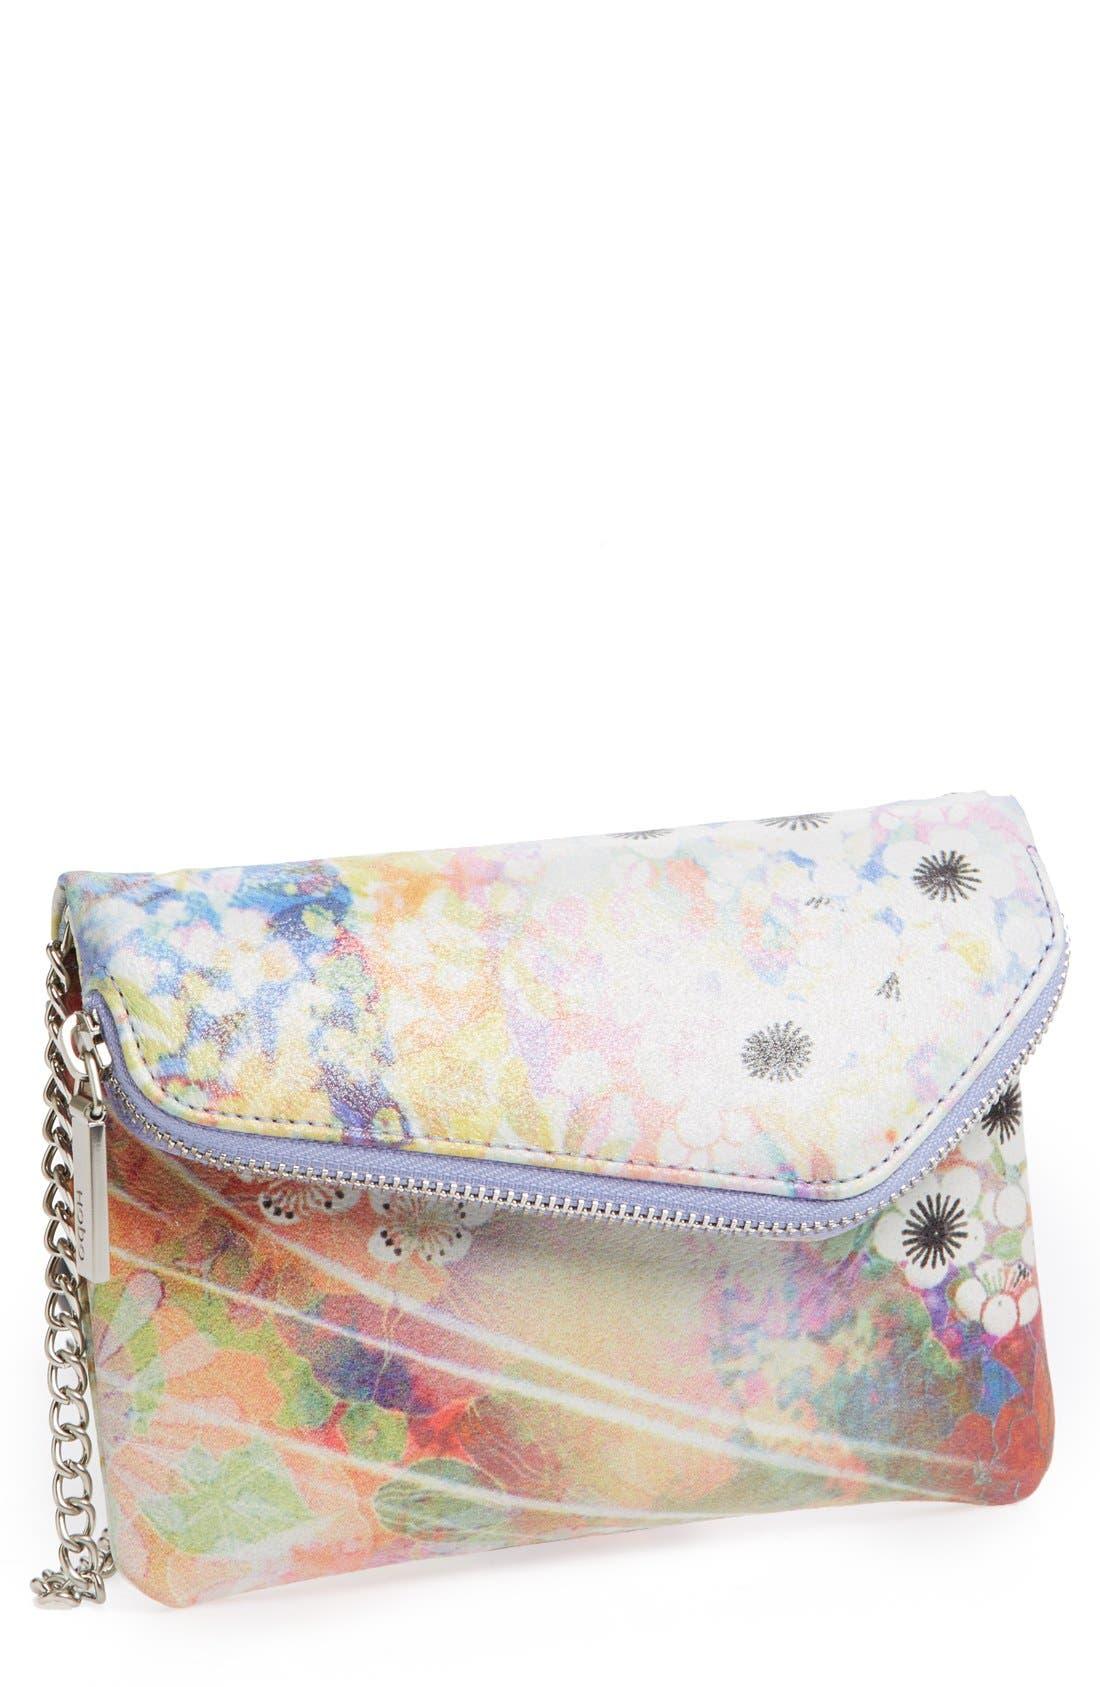 Alternate Image 1 Selected - Hobo 'Daria' Crossbody Bag